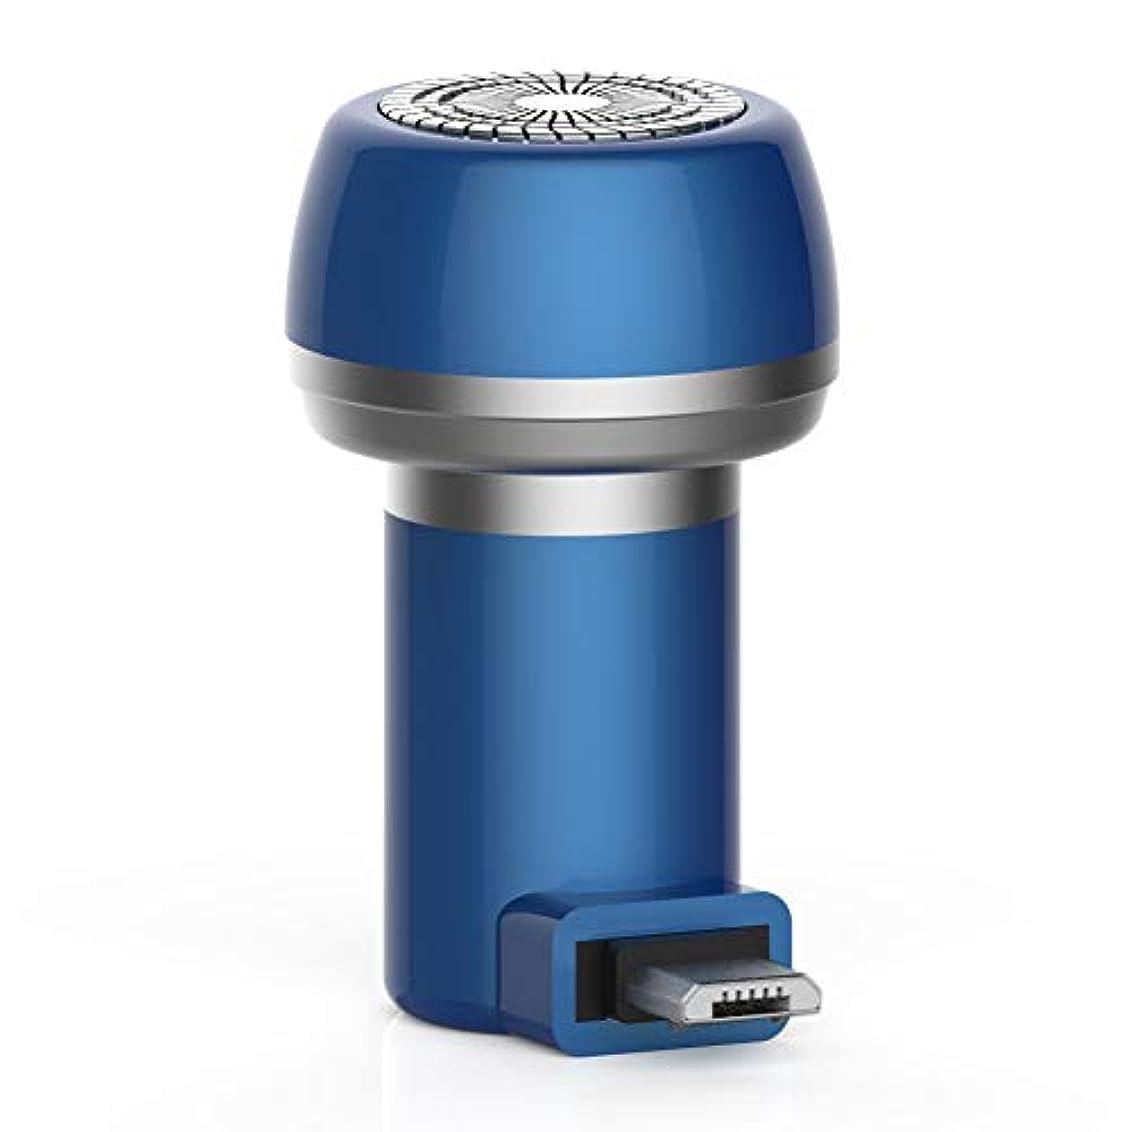 重荷ジョージハンブリーメタルラインFuntoget  電気充電式シェーバー、2に付き1磁気電気シェーバーミニポータブルType-C USB防水耐久性剃刀